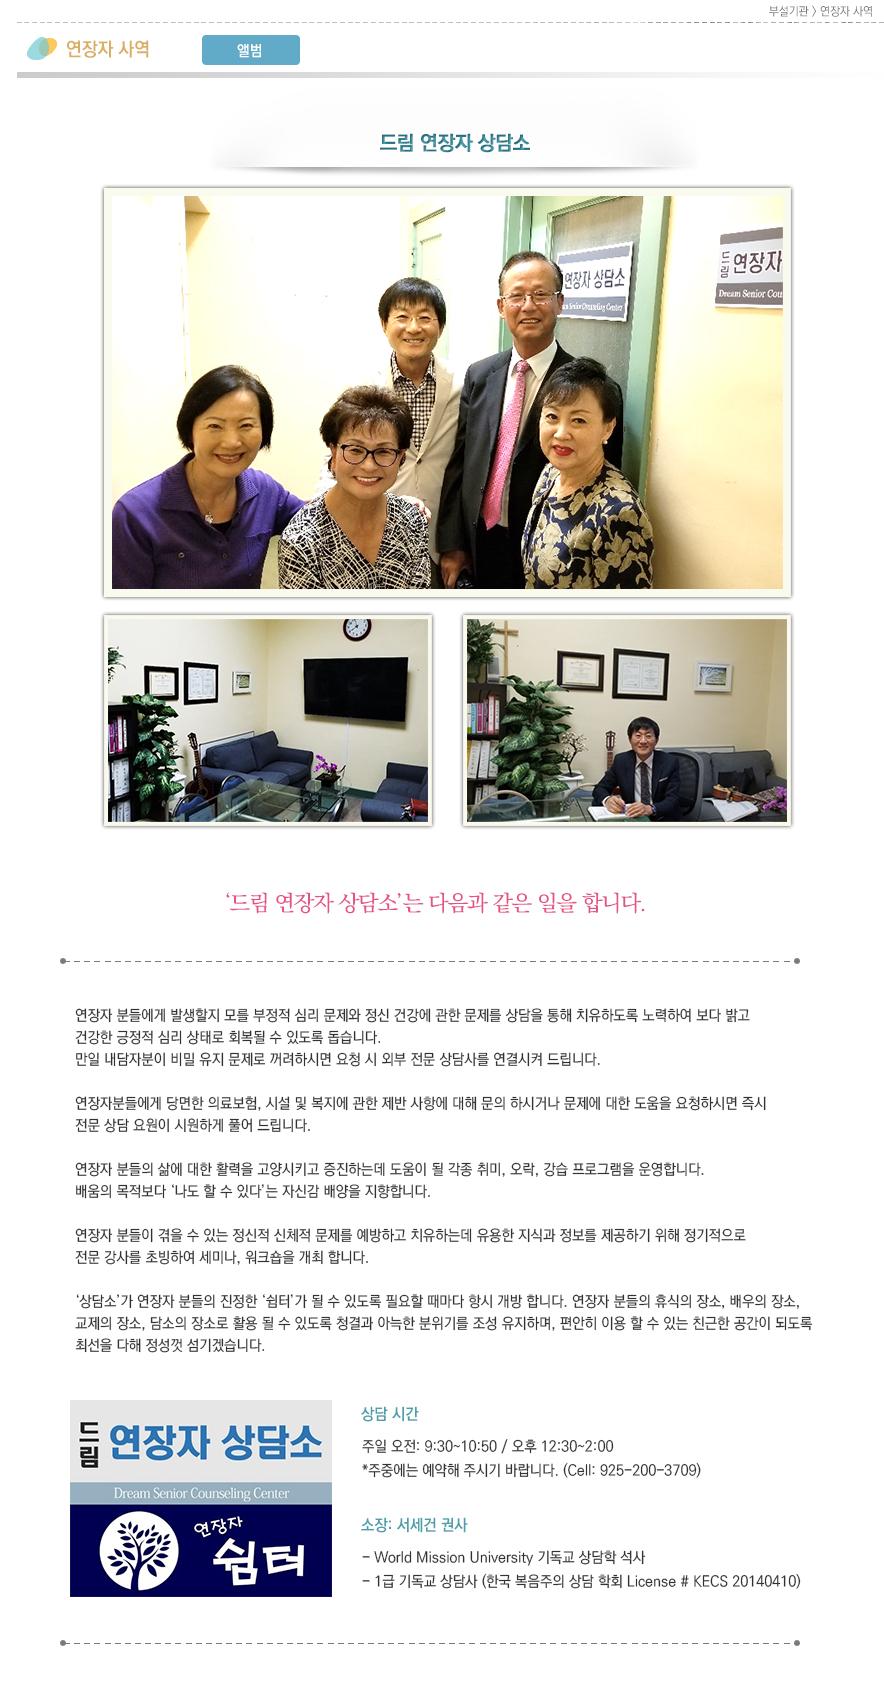 senior_ministry.jpg